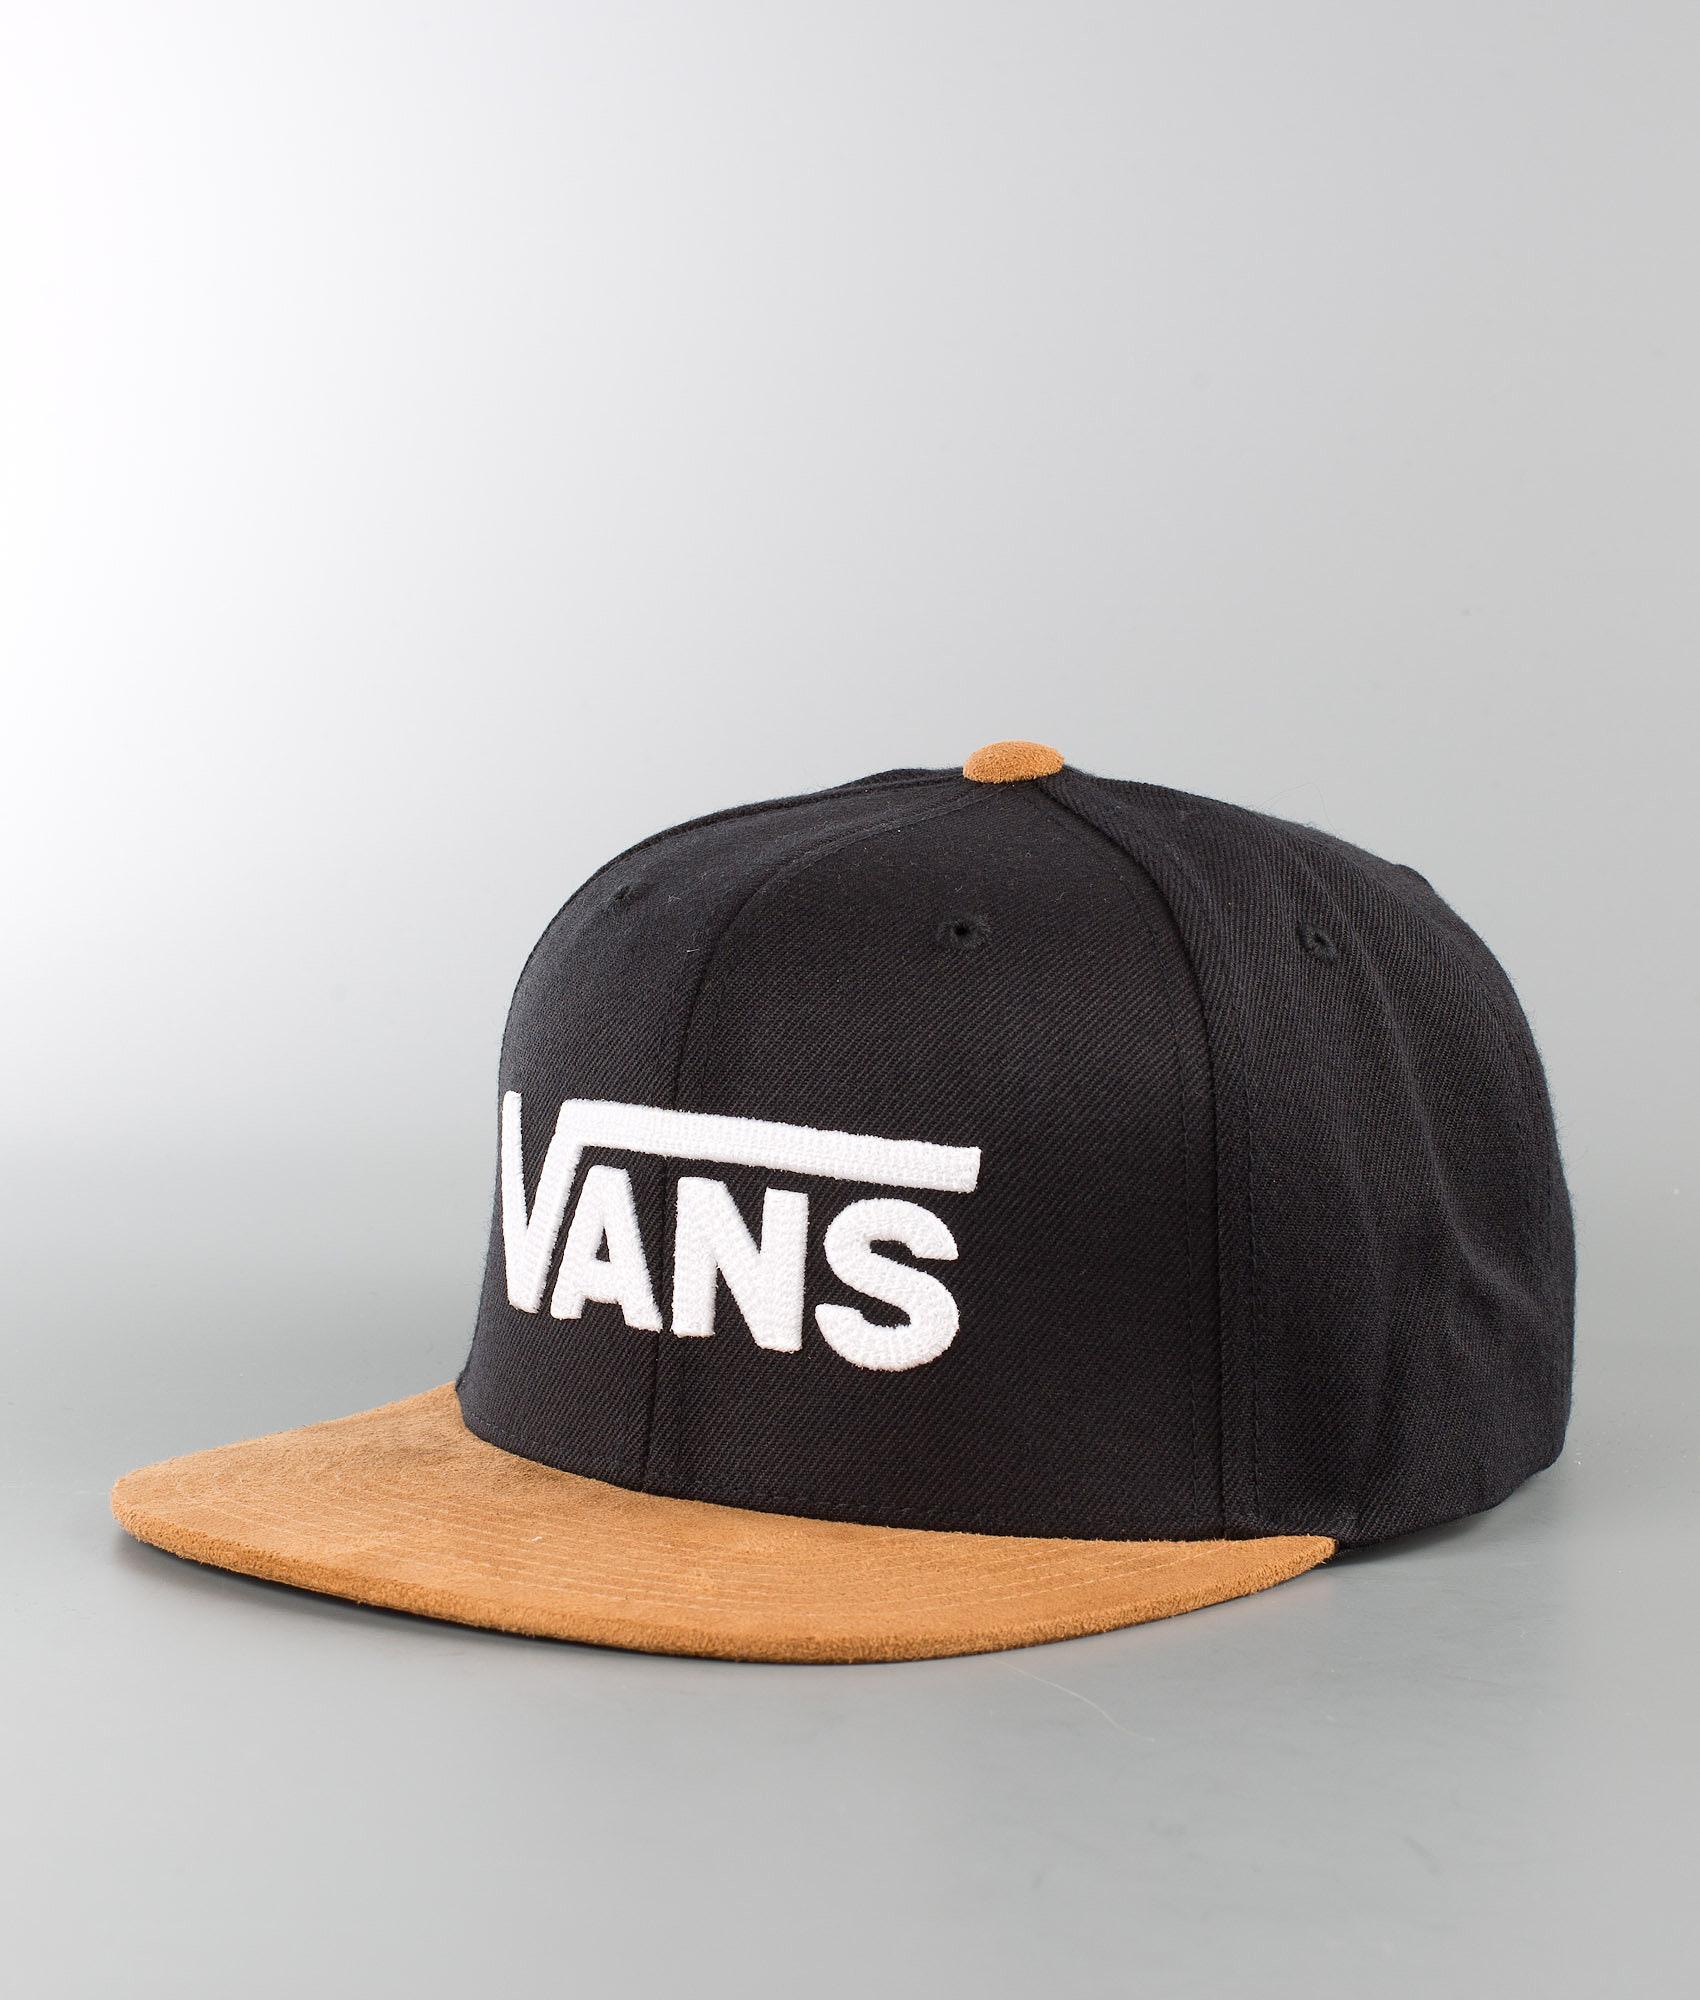 Vans Drop V II Cappello Black-Khaki - Ridestore.it 7edfd7ec7094